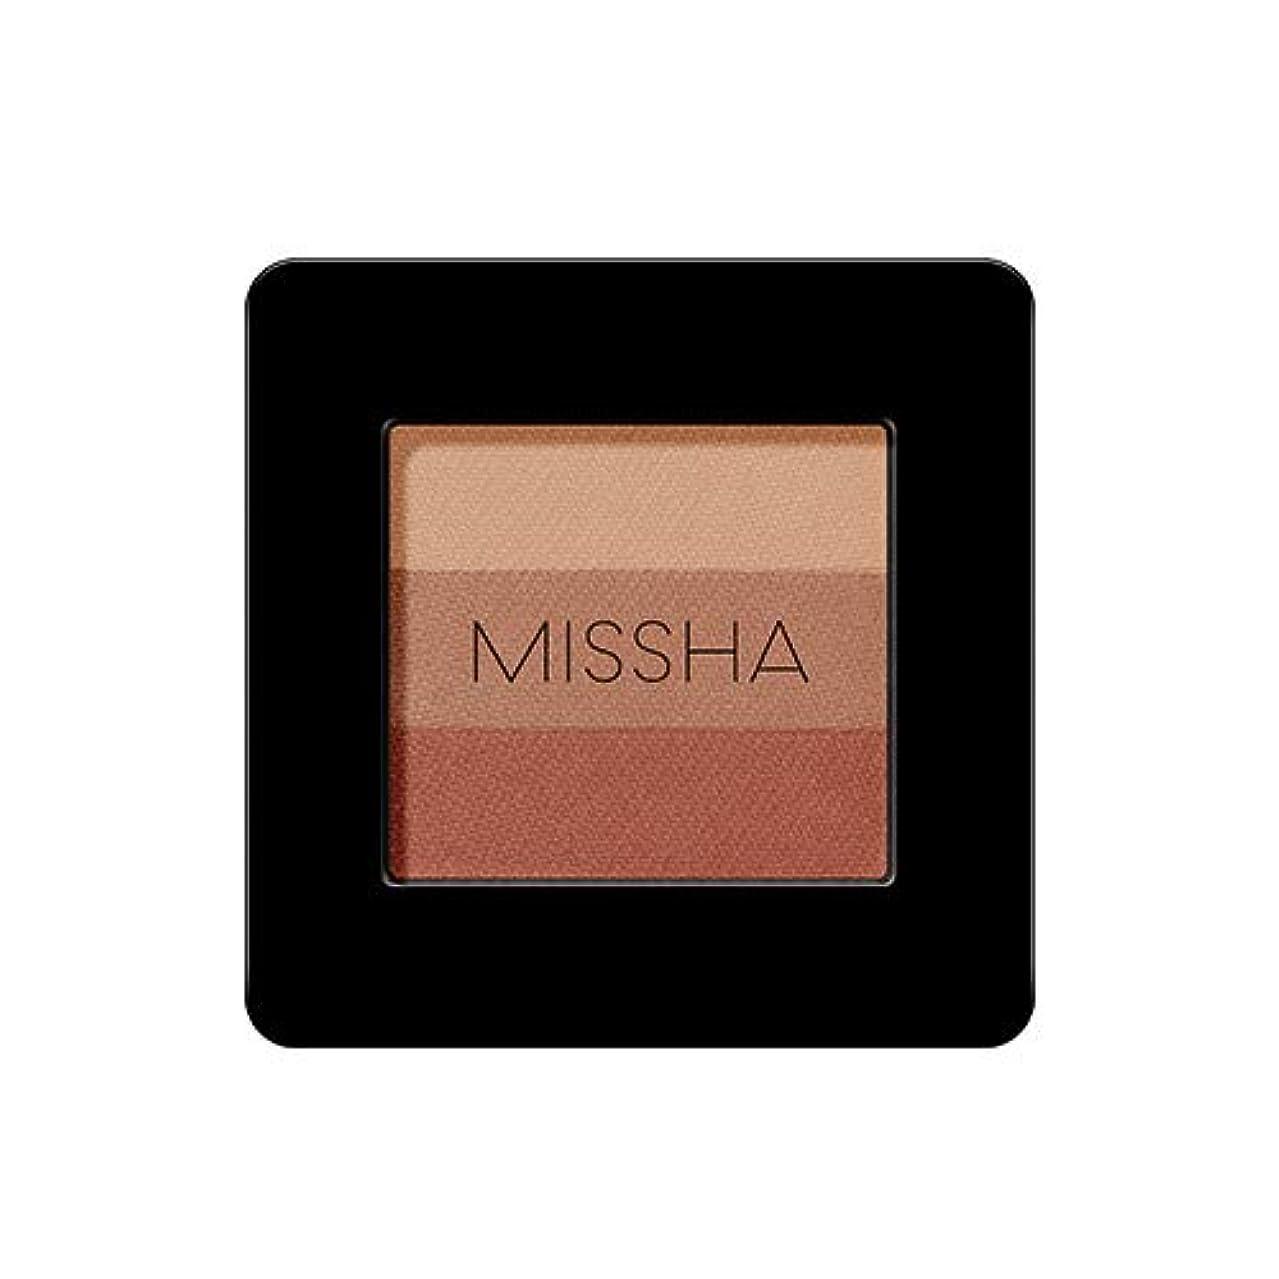 チョコレートスタンド荒廃するミシャ トリプルアイシャドウ2g / MISSHA TRIPLE SHADOW # 17 [並行輸入品]